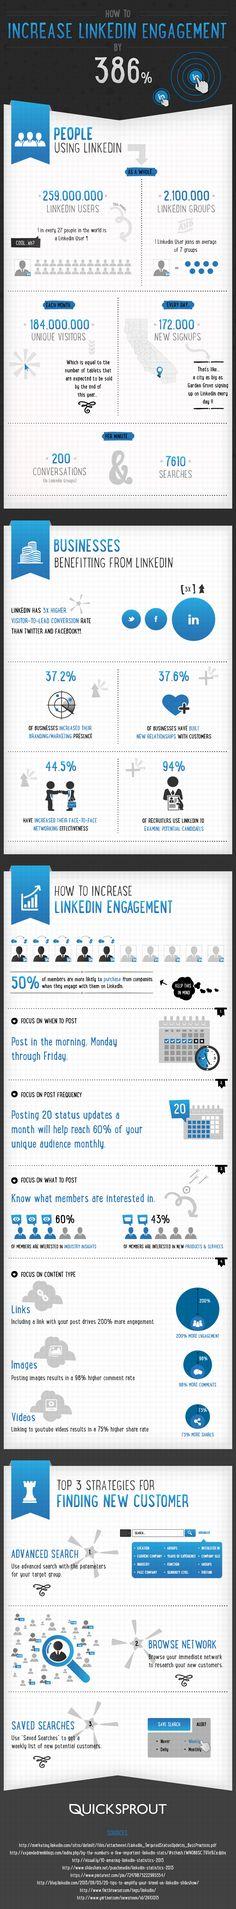 Linkedin: 4 consigli e un'infografica per migliorare il tuo engagement http://www.fabiopiccigallo.com/2014/05/06/infografica-come-migliorare-il-tuo-linkedin-engagement/